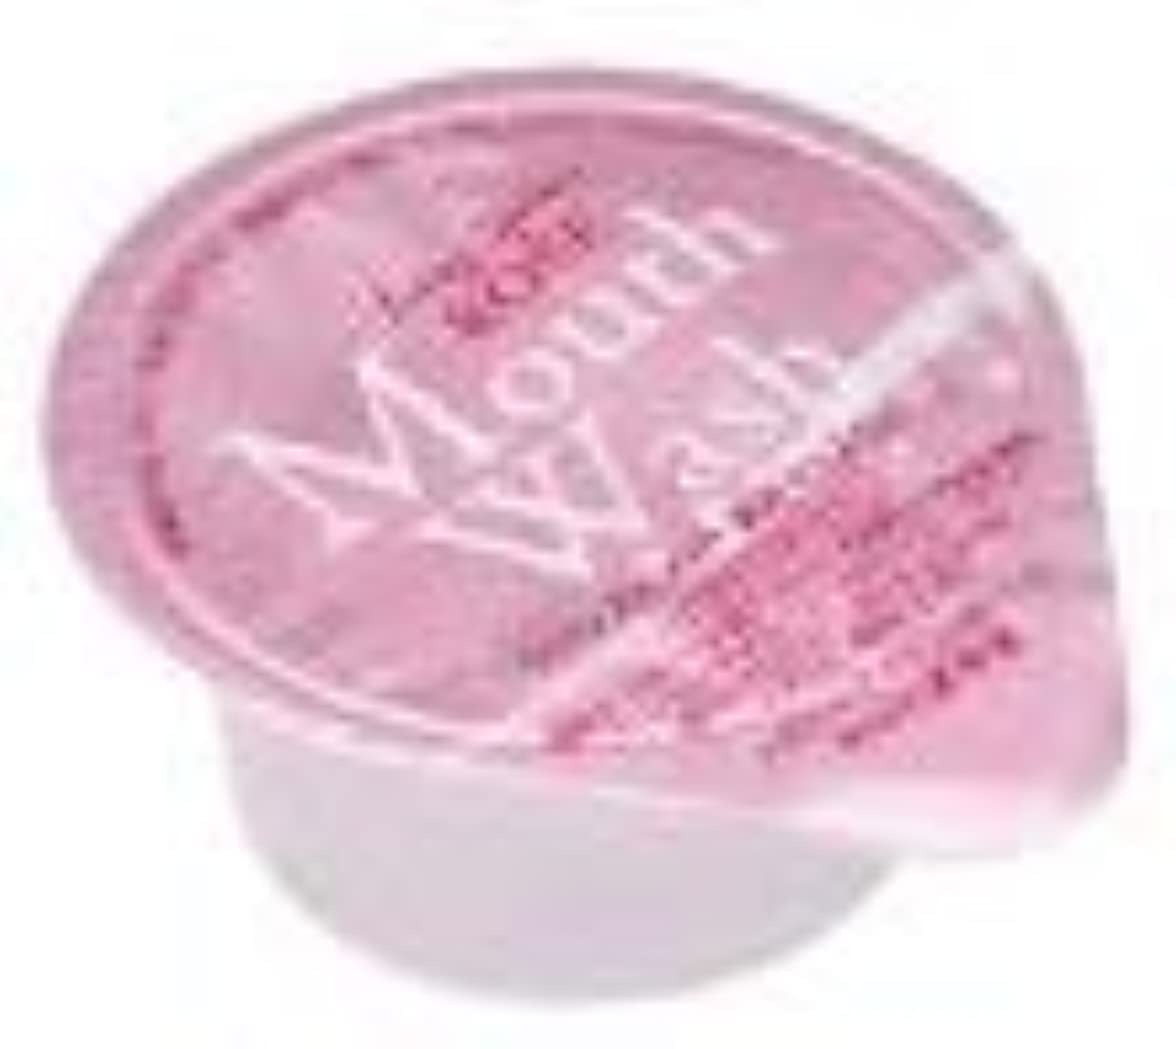 征服者歪める寝室を掃除するオキナ 薬用マウスウオッシュ ロングスピン ピンク ローズ 1000個セット